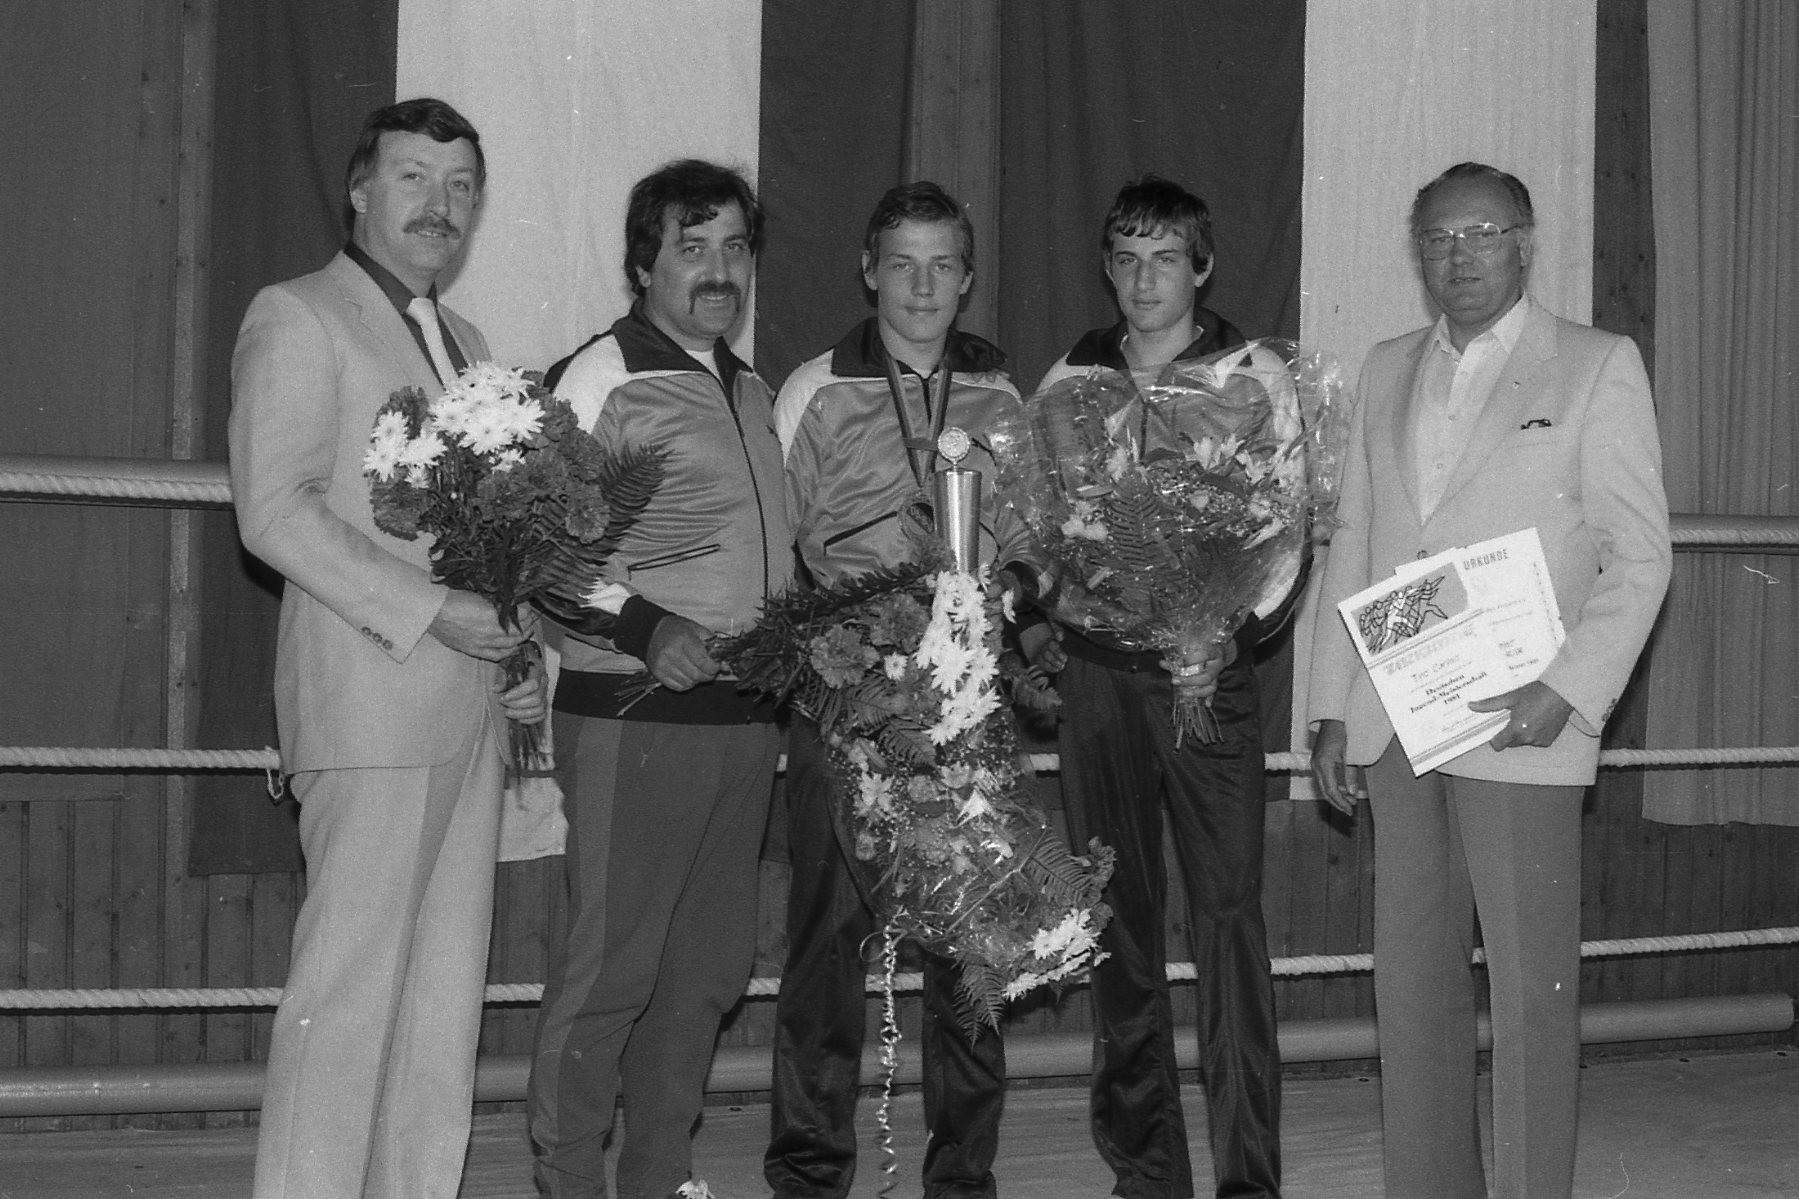 v.l. Guido Glück, 2.Vors., Trainer Giovanni Caruso, Roberto Caruso, Deutscher Jugendmeister,Tino Caruso,Hess.Juendm. Willi Kark, 1.Vors.